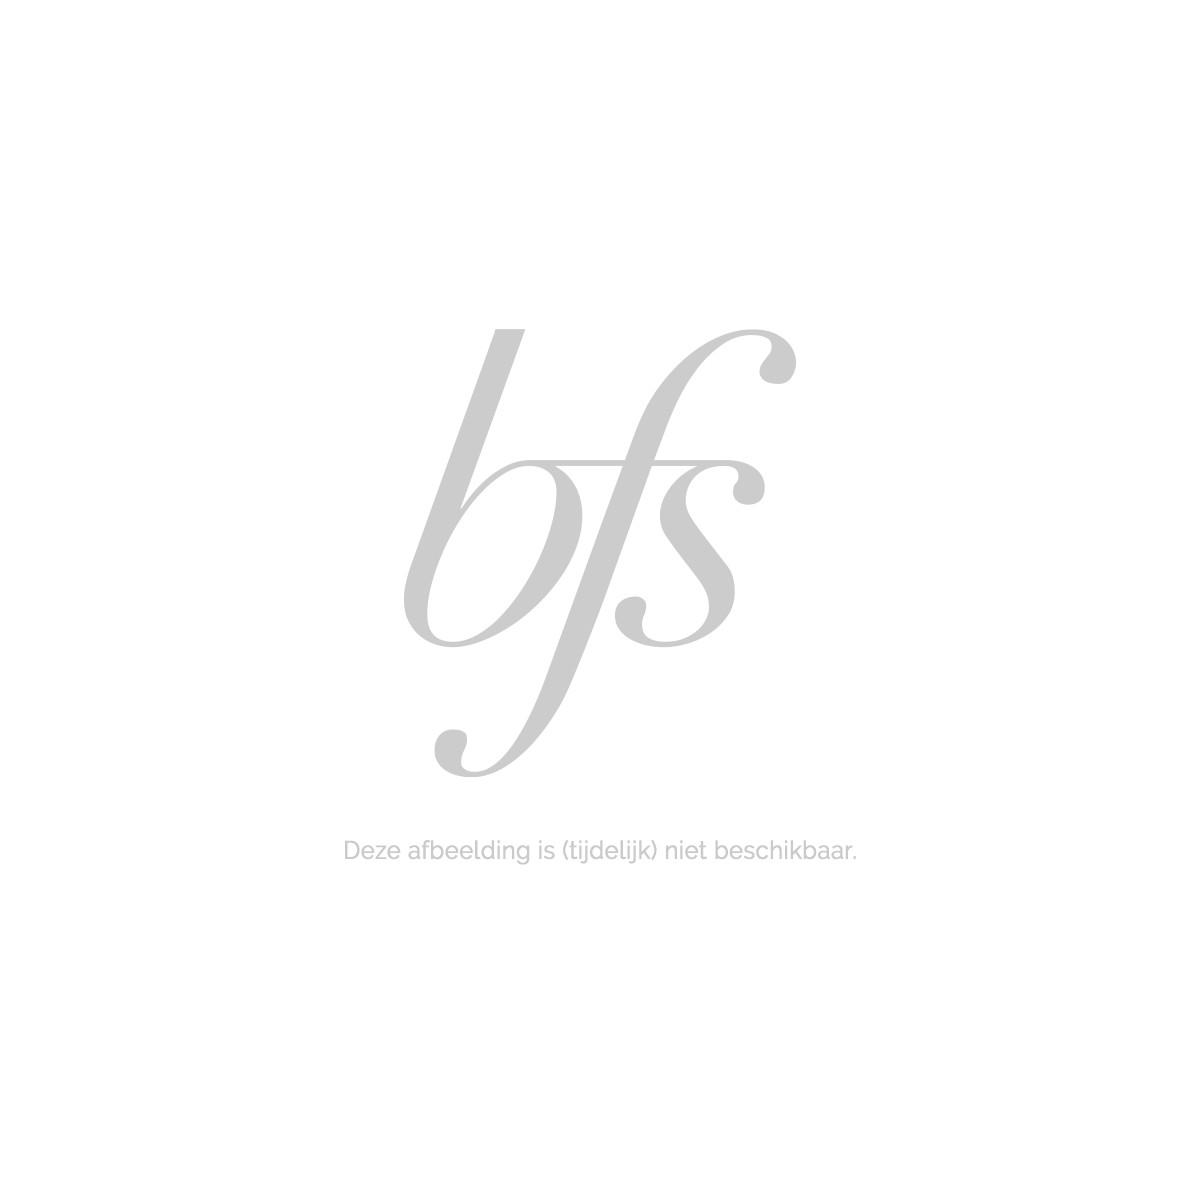 Masaki Matsushima Sillage De The Eau De Parfum Spray 40 Ml